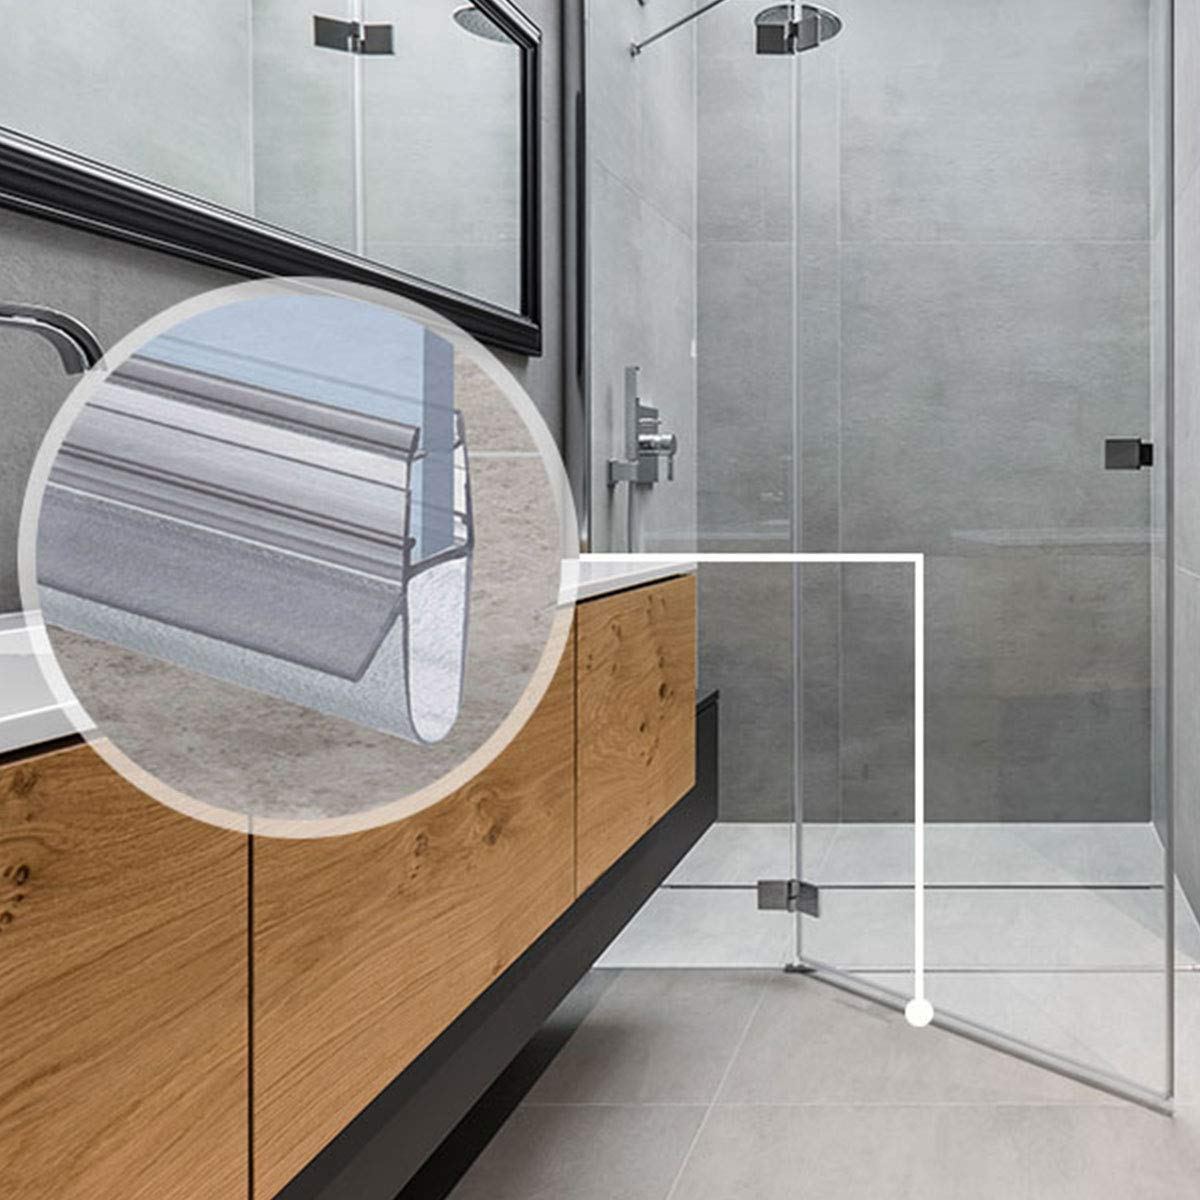 /Cabina de ducha steigner 100/cm Junta de repuesto para 5/mm//6/mm//7/mm//8/mm grosor del cristal deflectores de agua Ducha Junta uk17/72648/